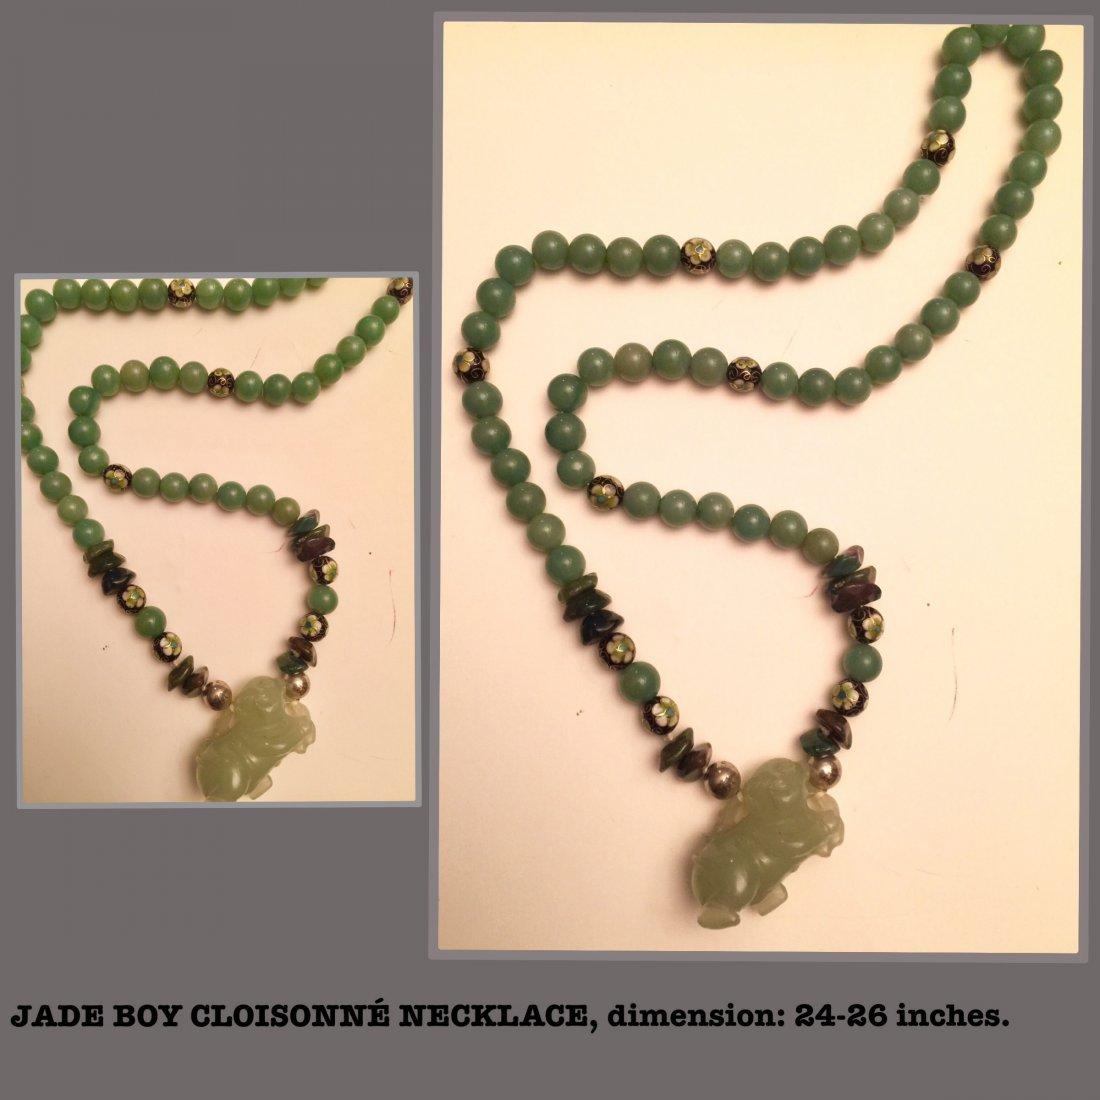 Jade Boy Figure Necklace, Estate Jewelry